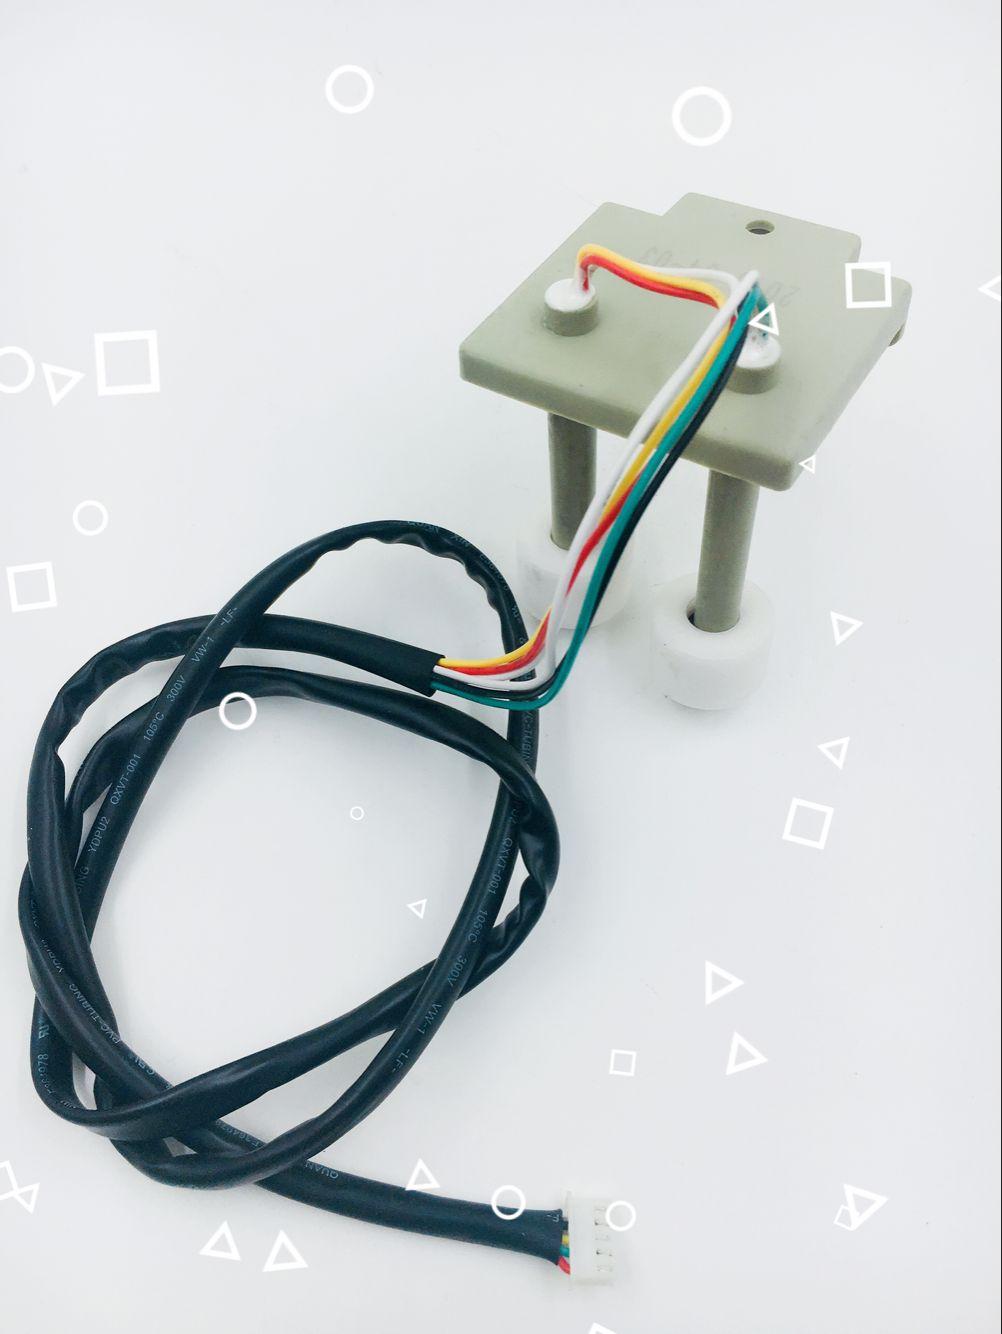 αισθητήρας στάθμης 科瑞莱 κλιματιστικά εργοστάσιο εξάτμισης ψύκτης αέρα καθαρό αέρα KD18A κουρτίνα κλιματιστικό μηχάνημα